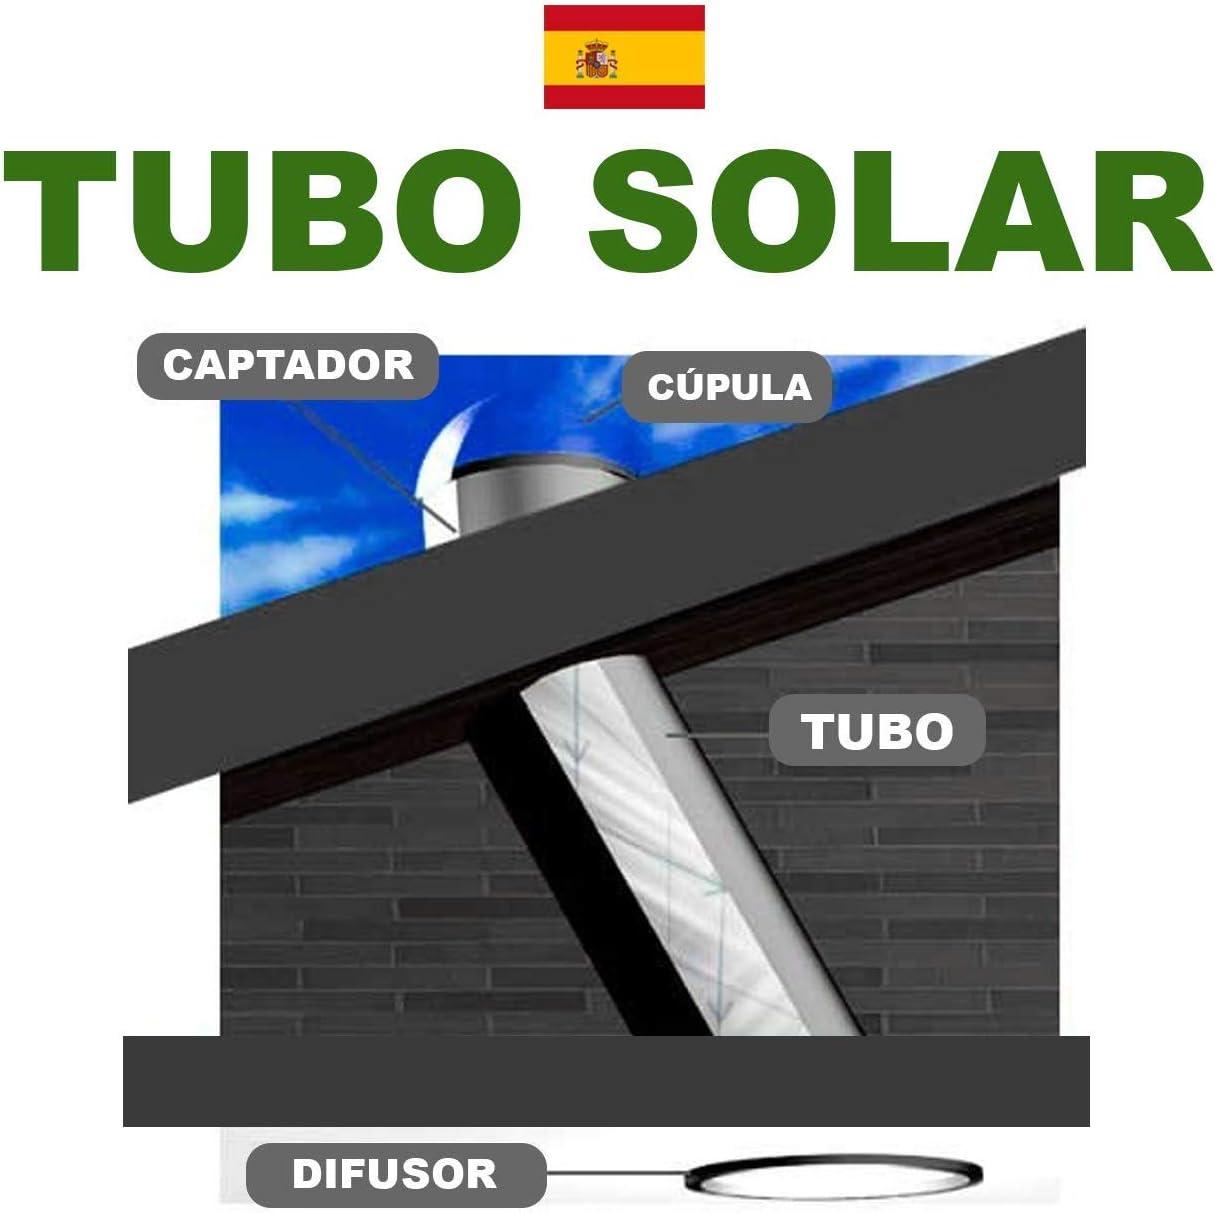 Tubo Solar 24 cm hasta 9-12 m2-4.000 lúmenes.: Amazon.es: Iluminación